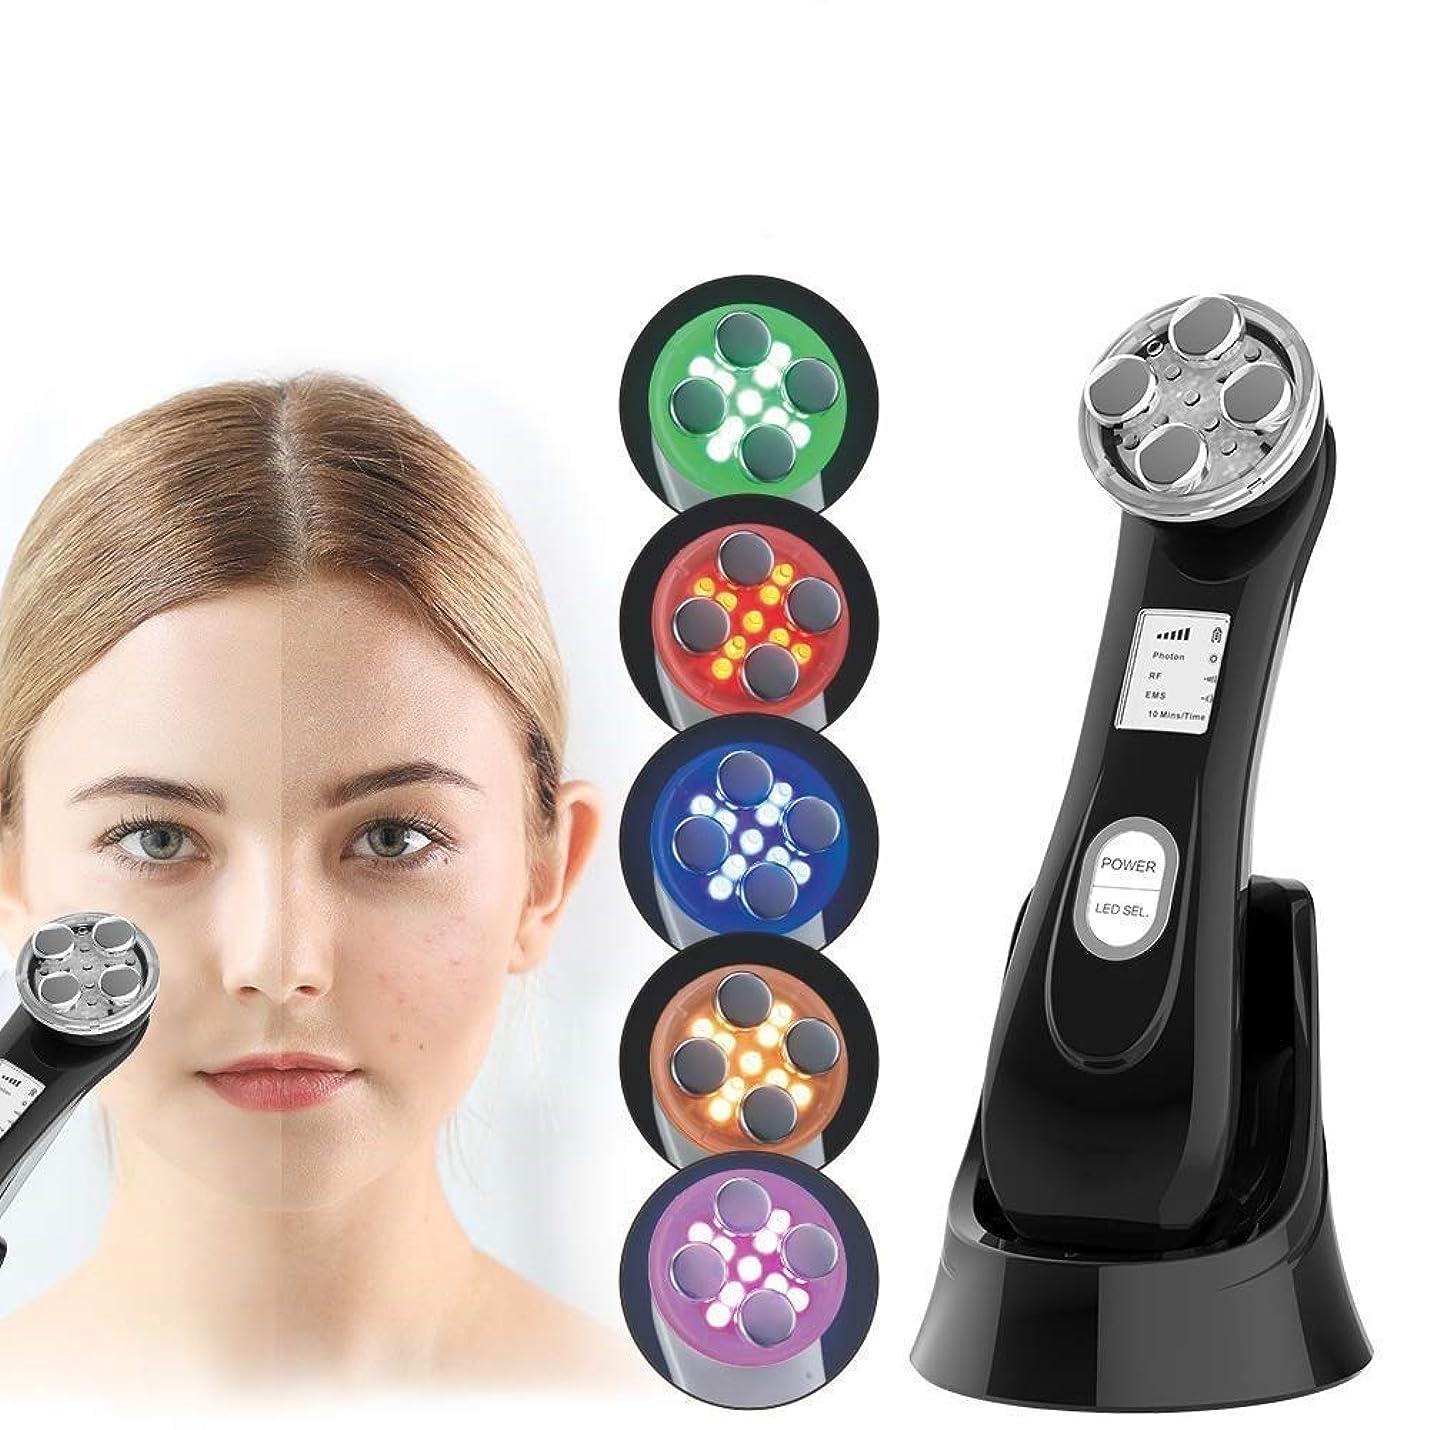 供給申し立てる山岳1 RF美容アンチエイジングアンチにきび顔の引き締めリフティング美容機高周波usb充電式に付き超音波美容機器6